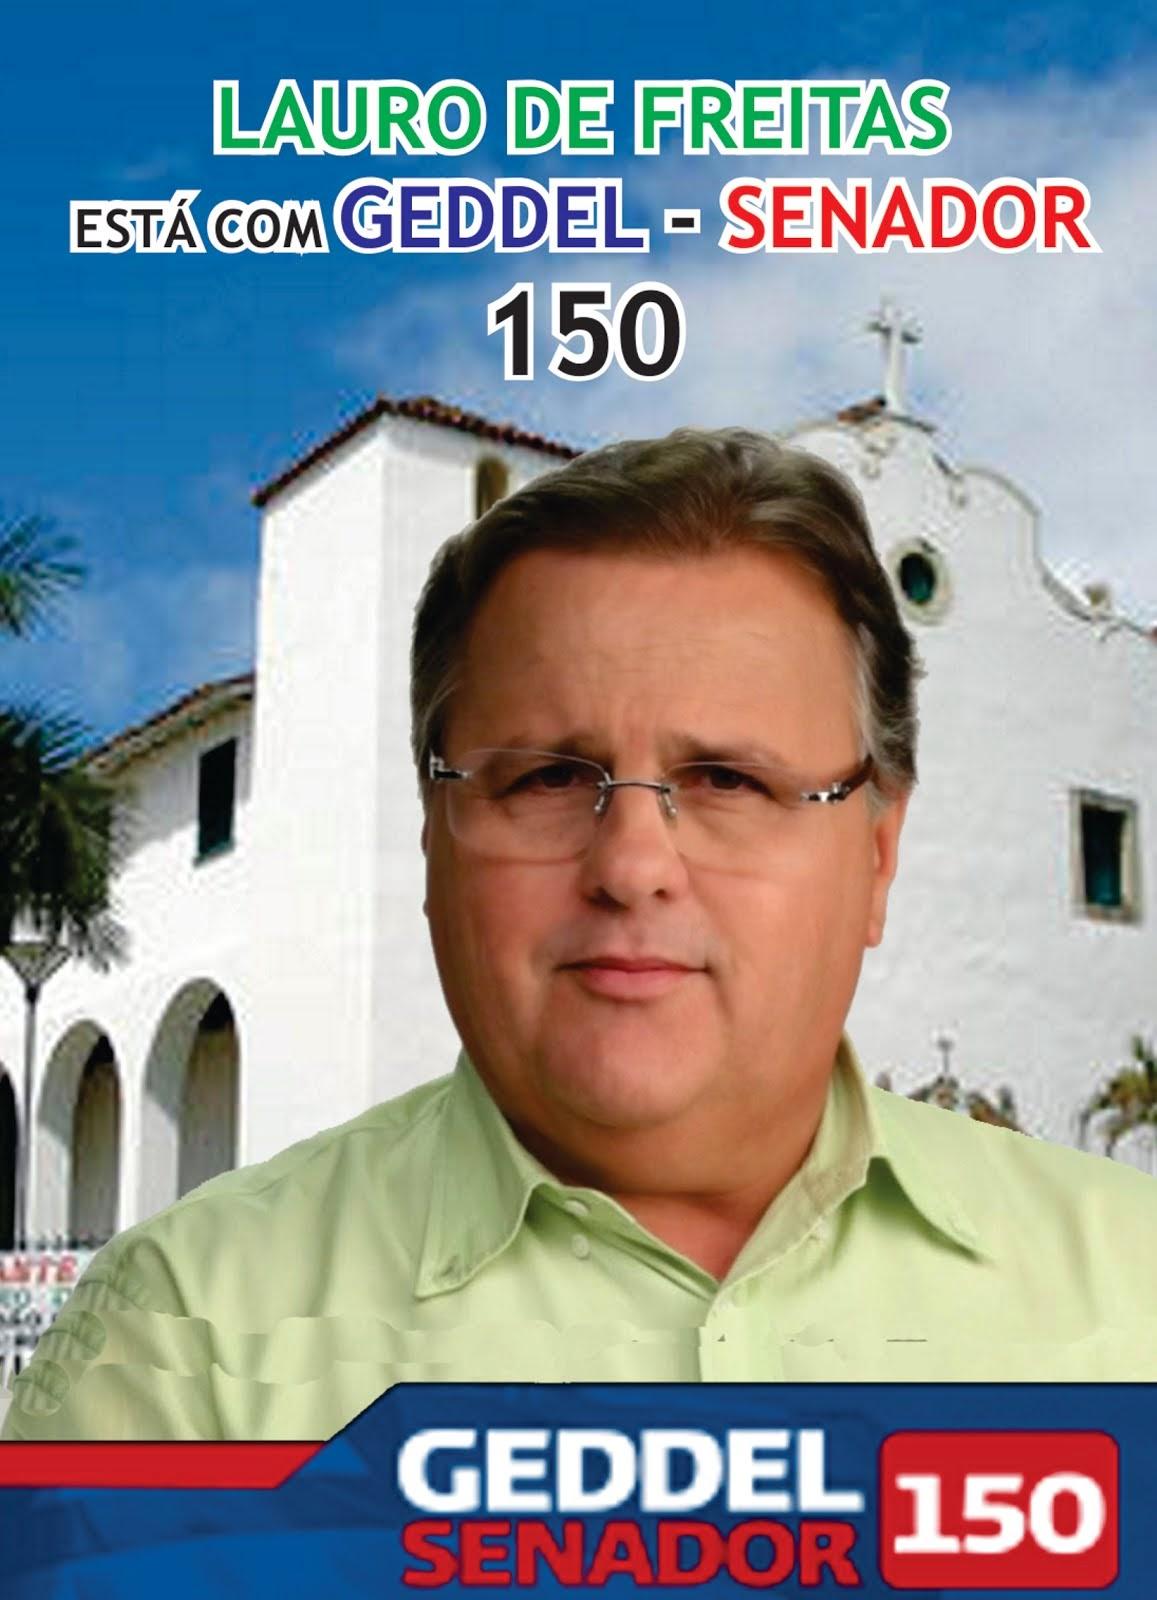 GEDDEL SENADOR 150